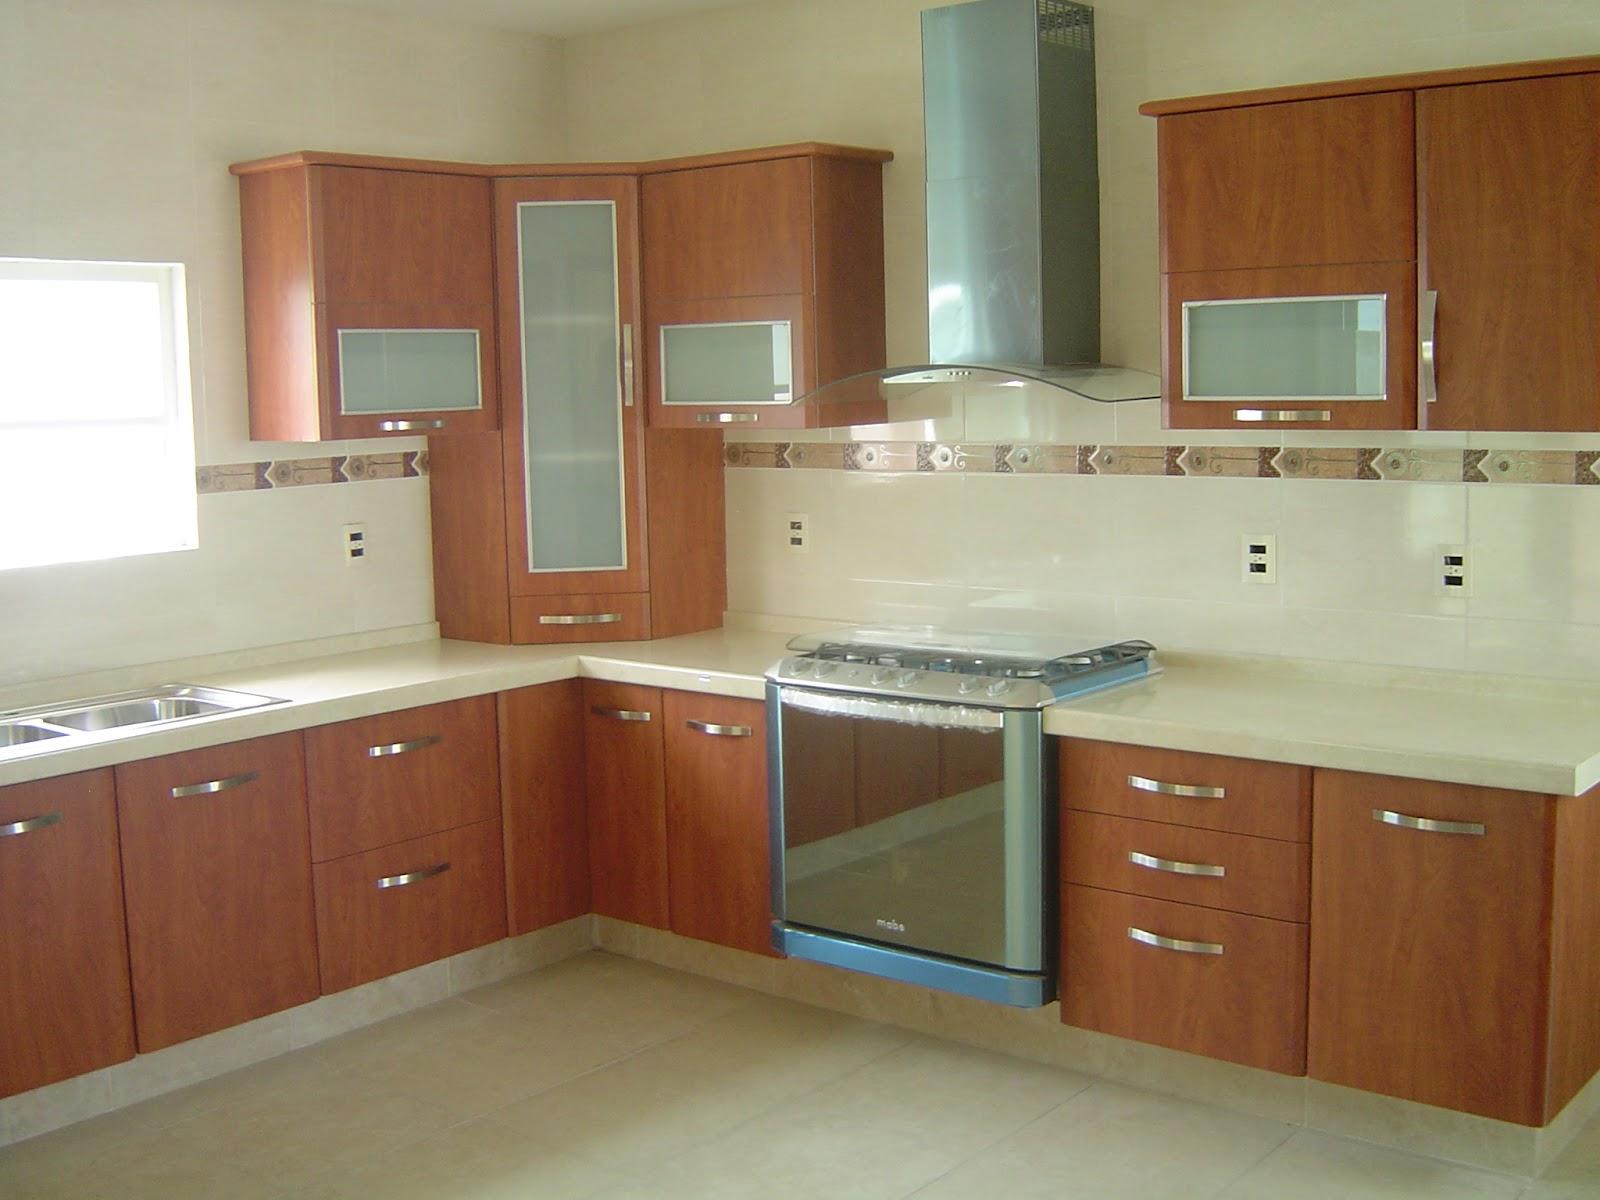 El encino for Modelos de pisos de cocina